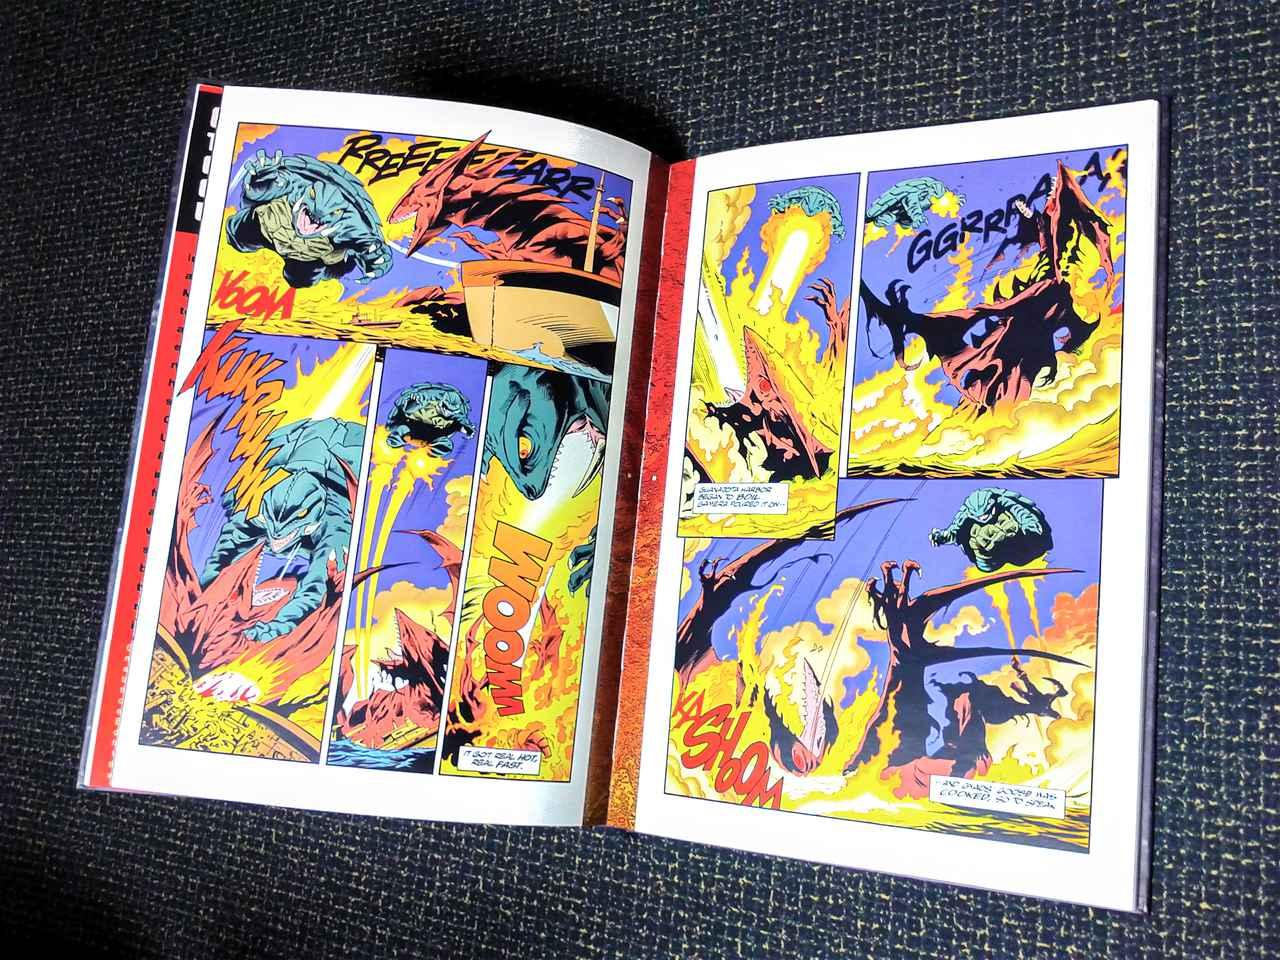 画像11: 超弩級『ガメラ:ザ・コンプリート・コレクション』【海外盤Blu-ray発売情報 - 特別編】